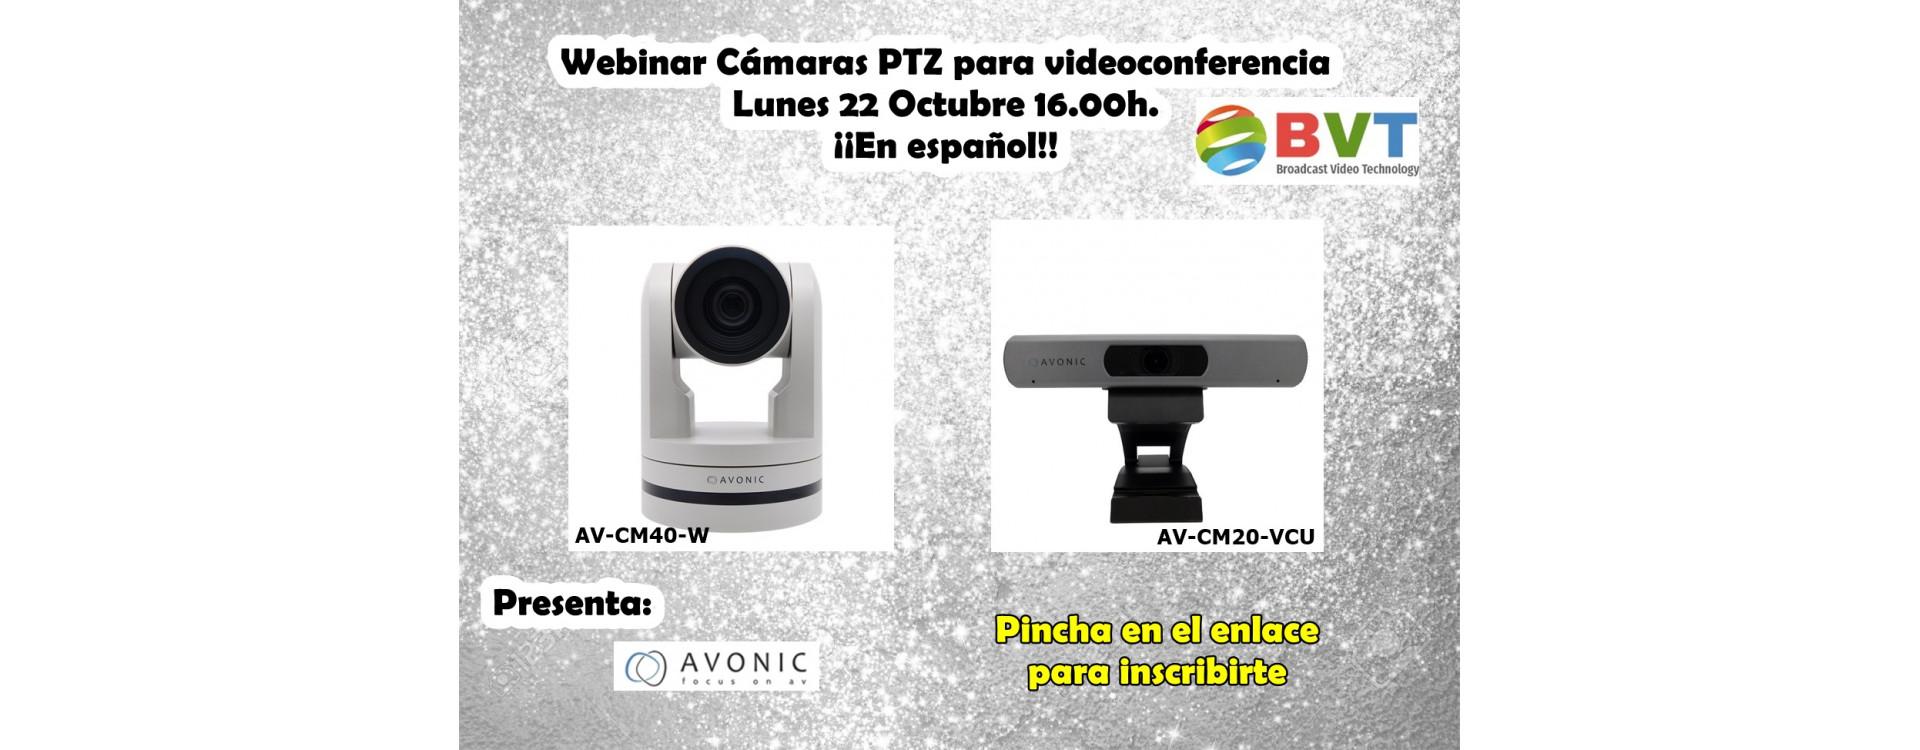 Webinar Cámaras PTZ para Videoconferencias próximo 22 de octubre de 2018